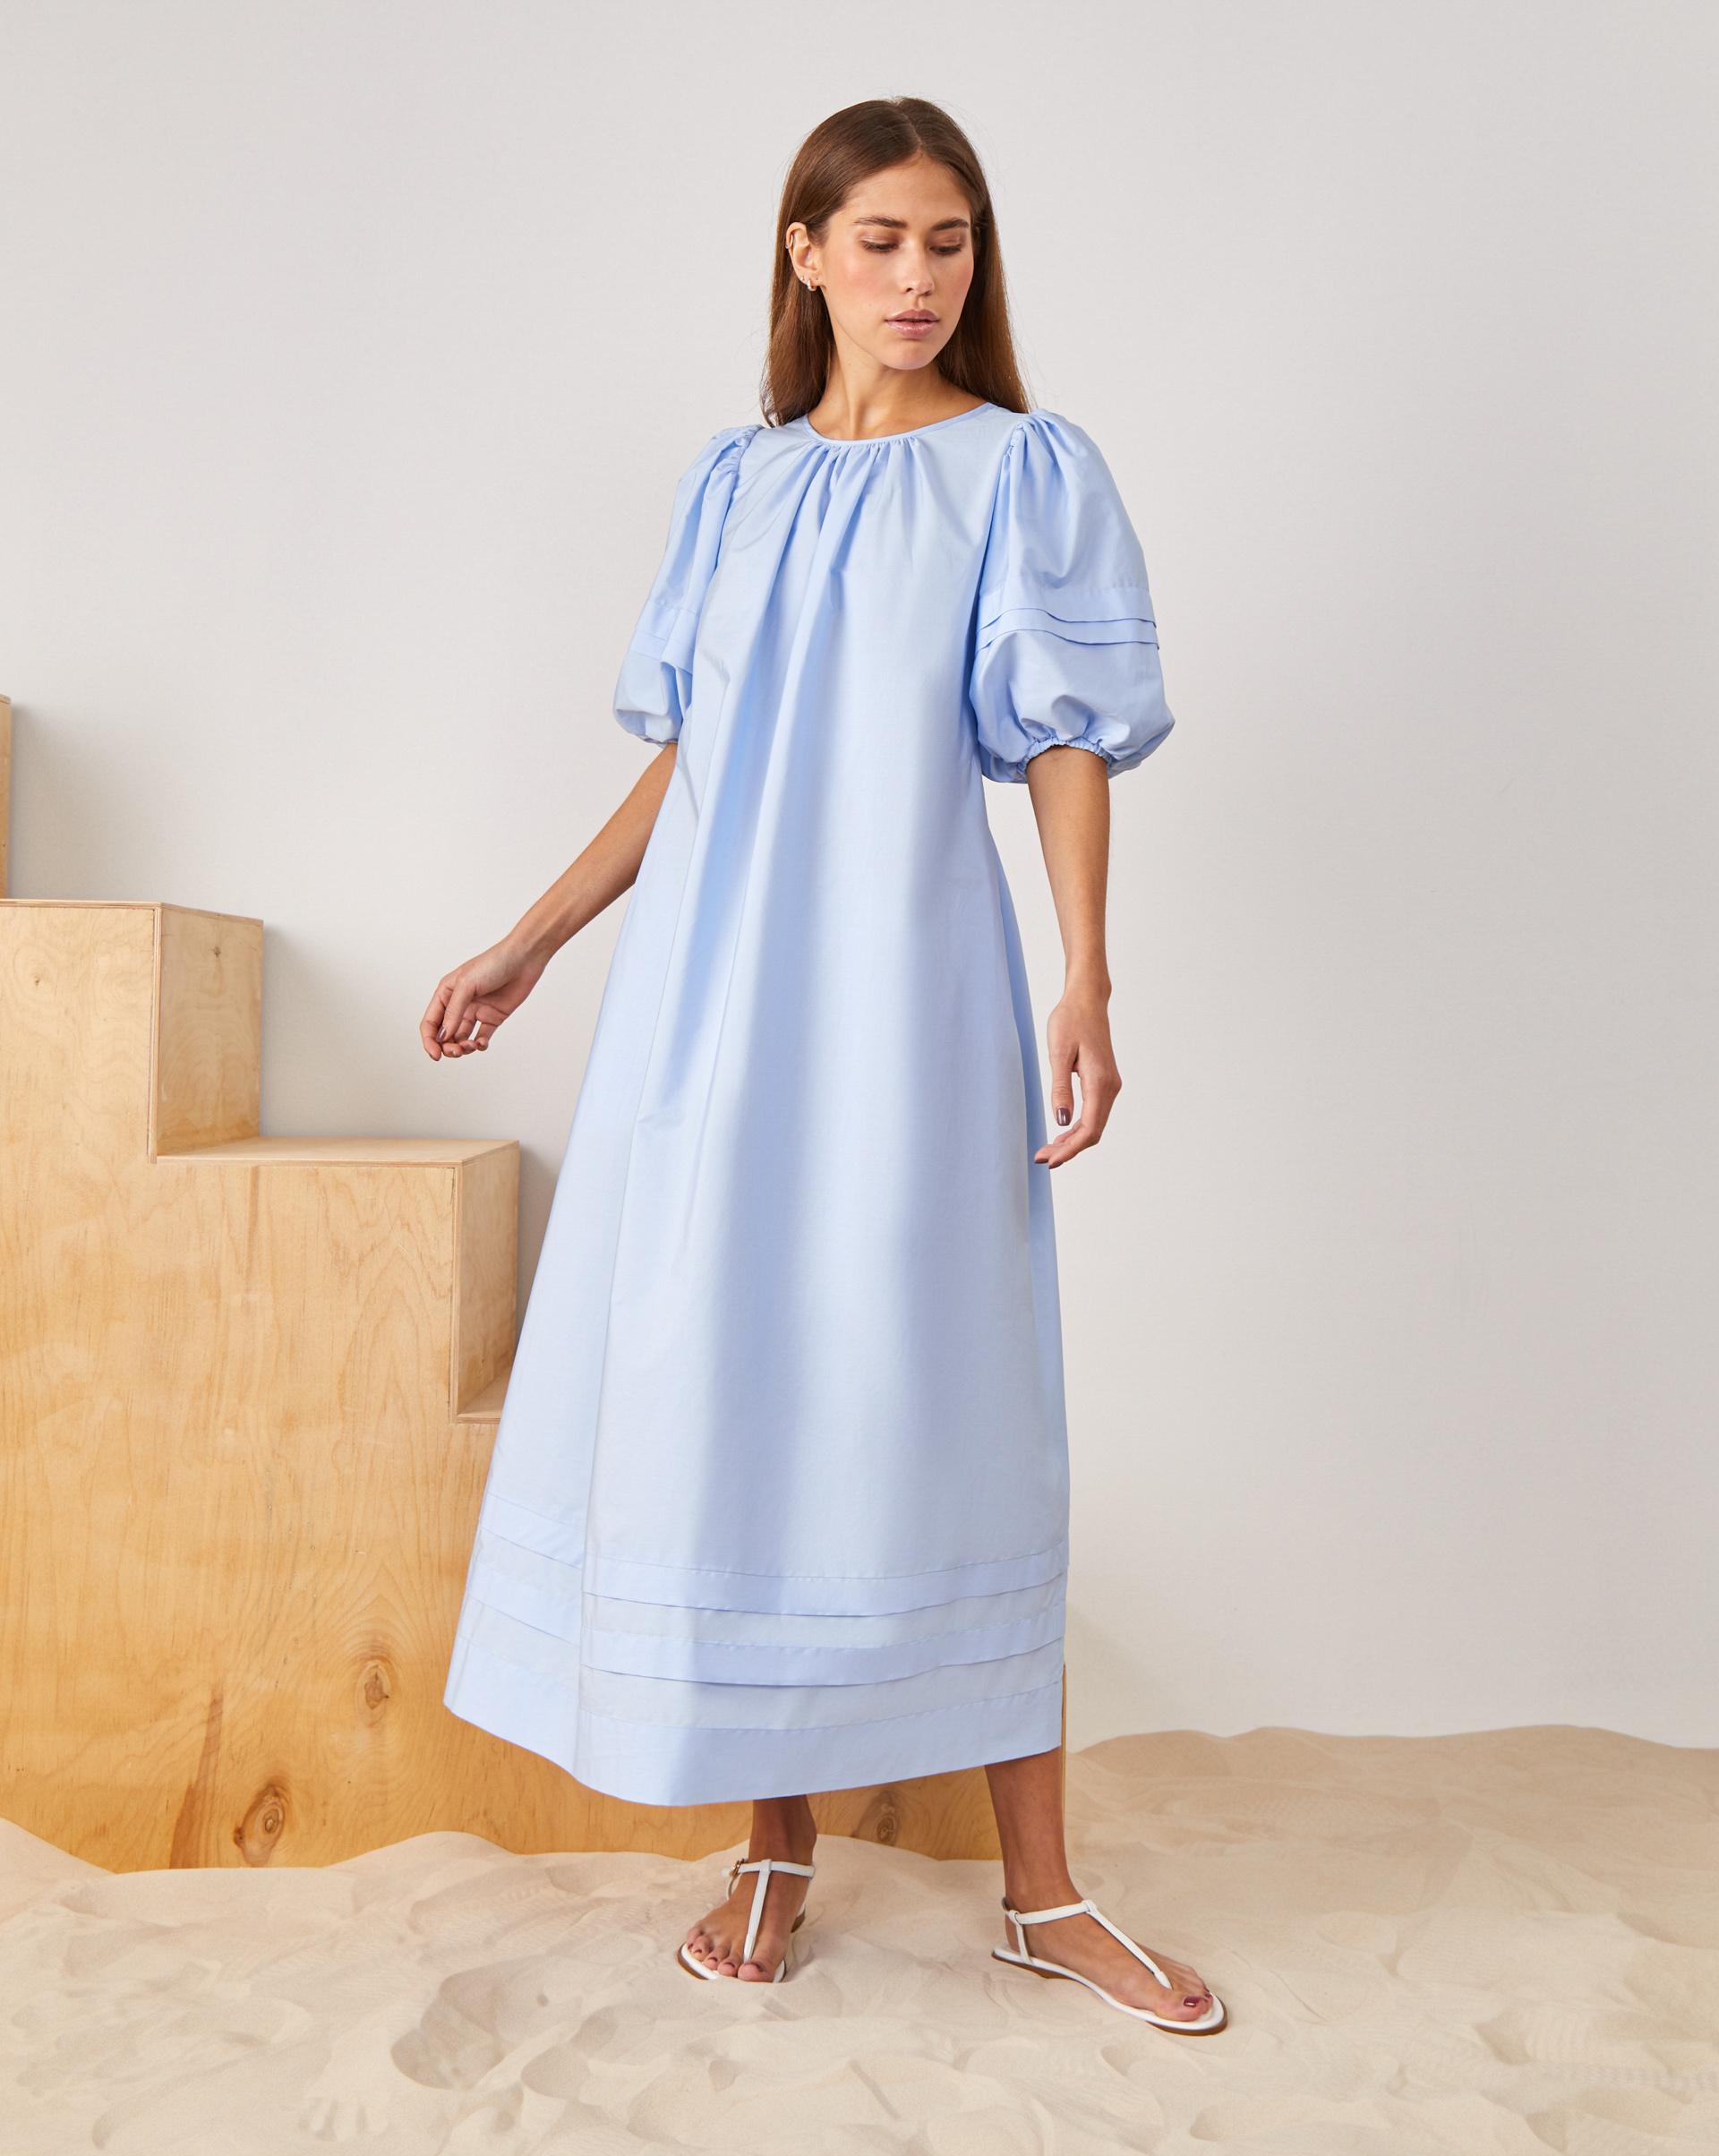 Платье на завязках с открытой спиной фото